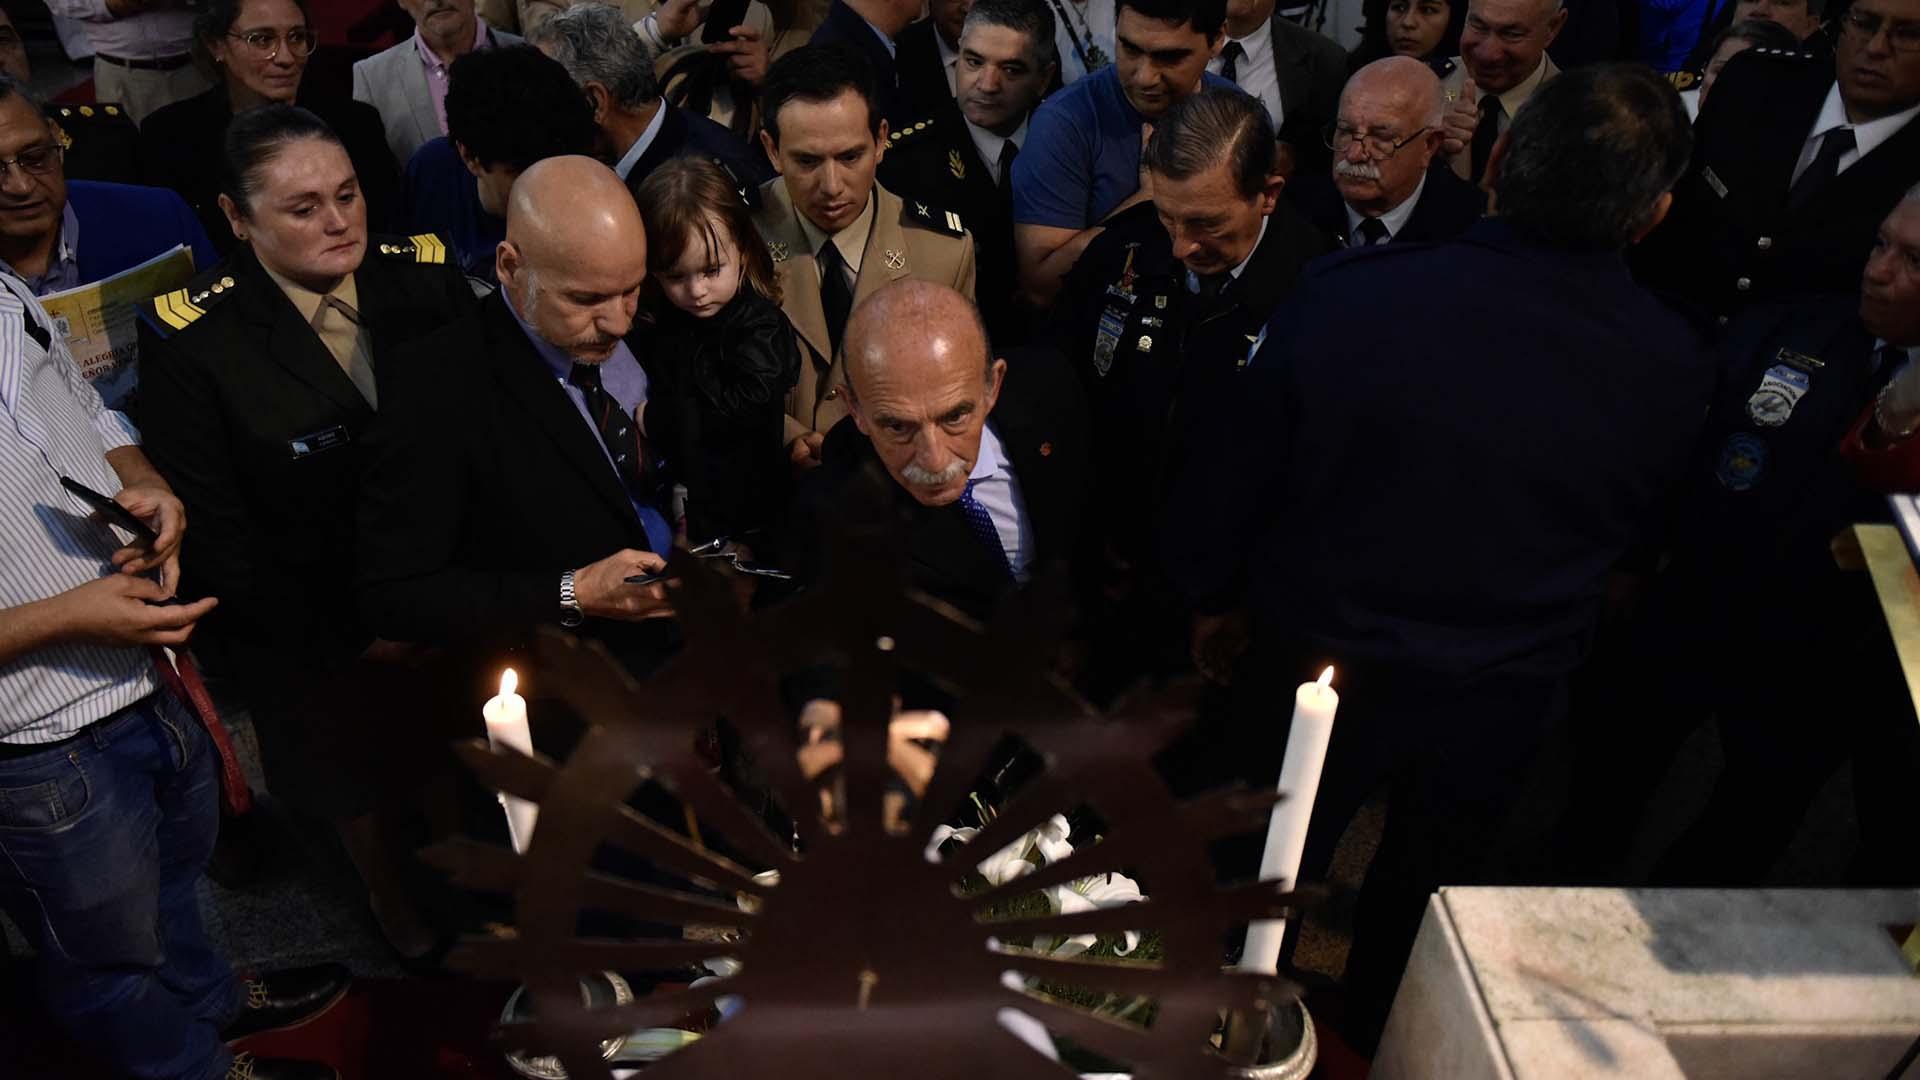 Finalizada la misa, autoridades del ejército, veteranos, familiares de caídos y fieles se acercaron a la Virgen de Luján